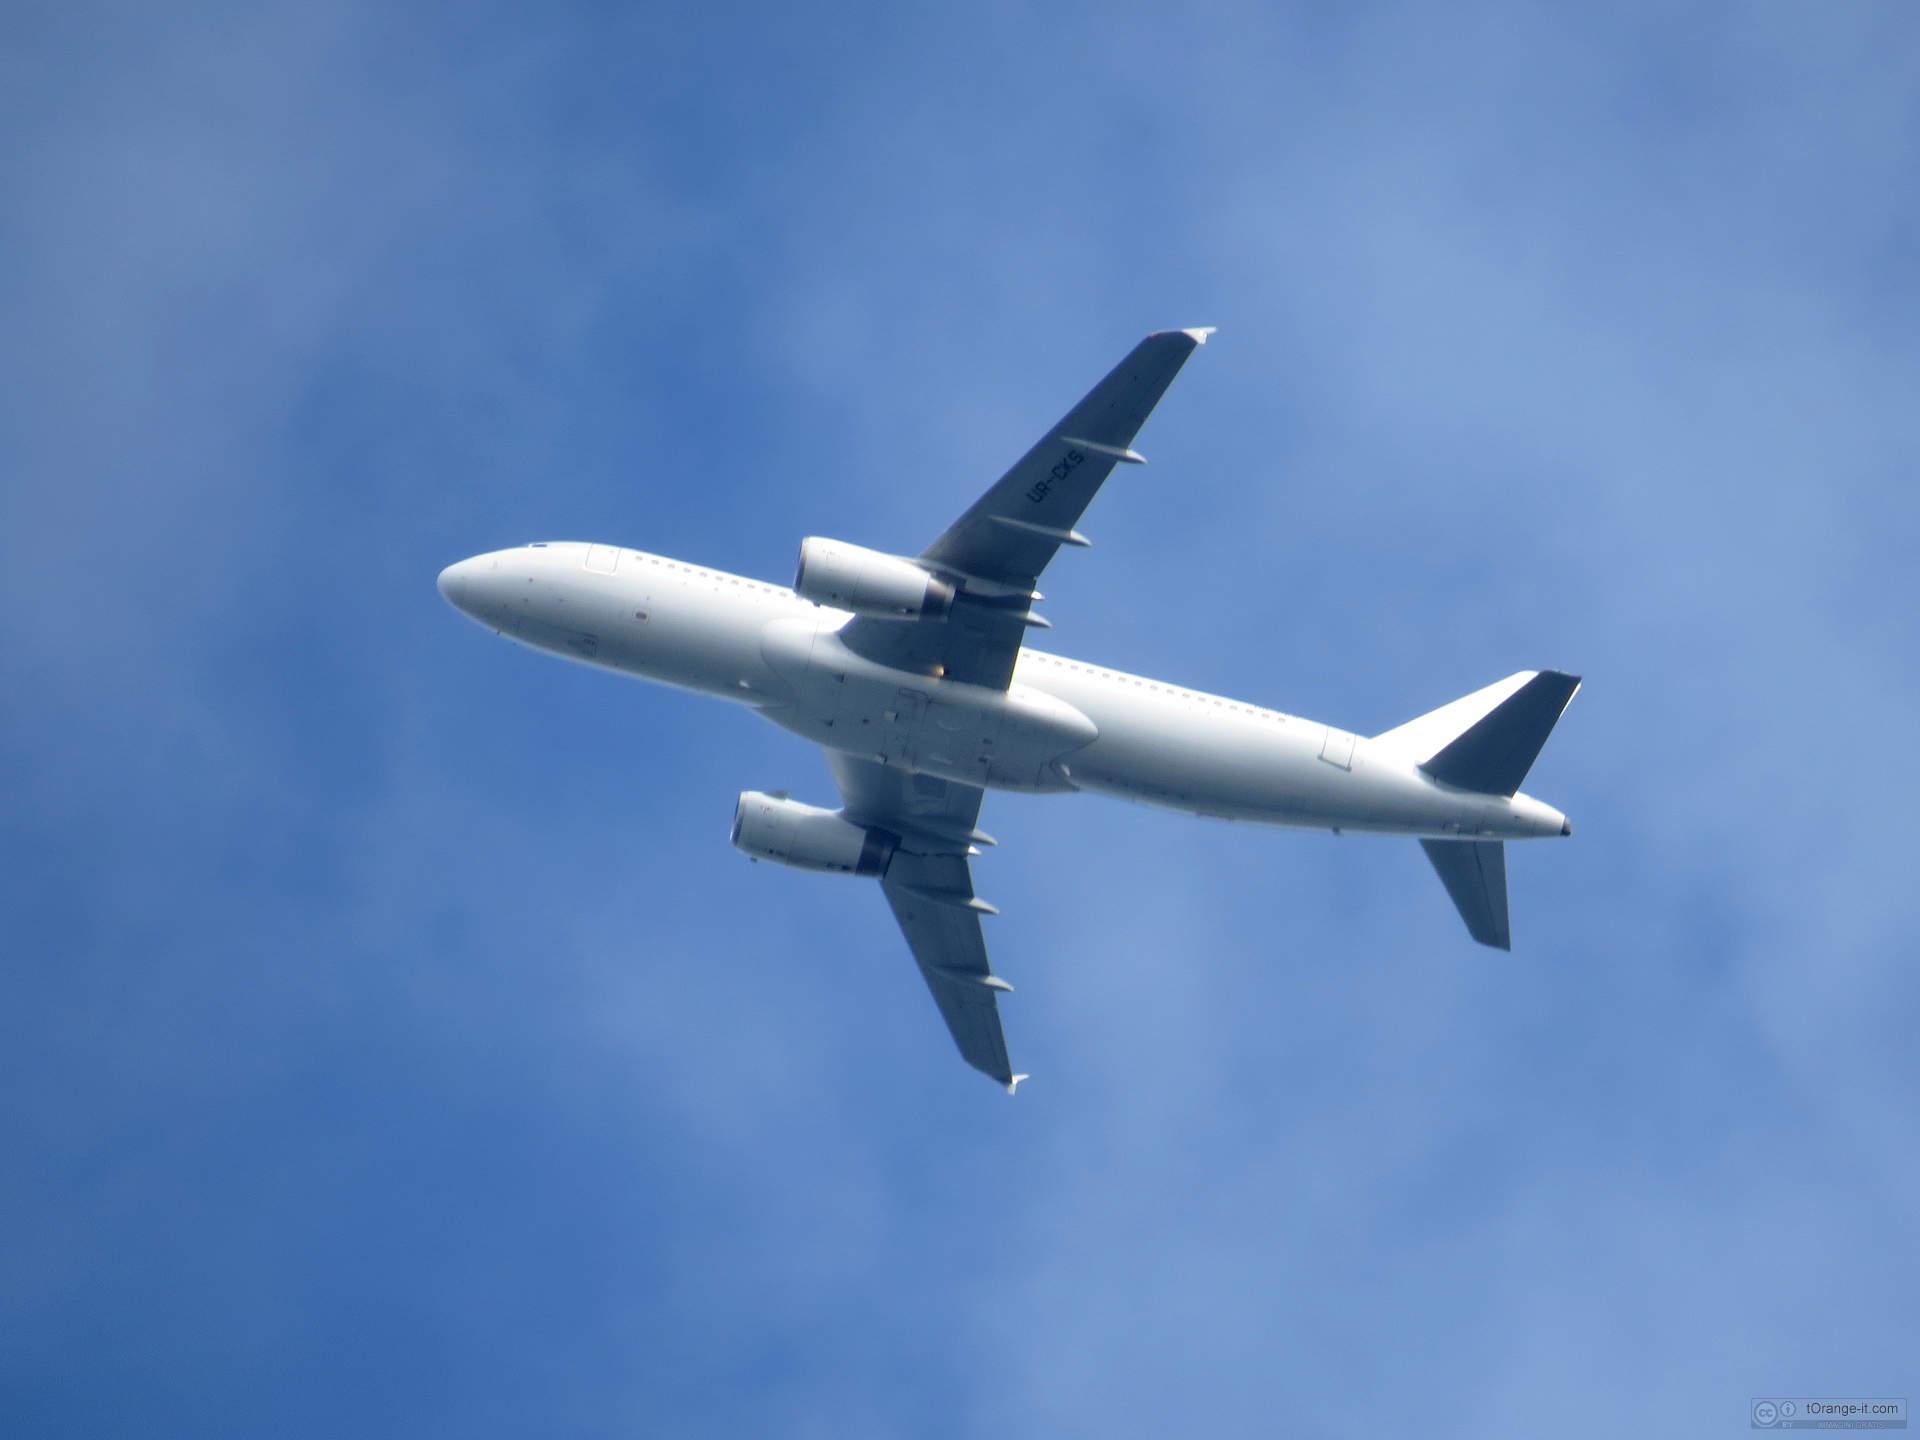 Posso prendere un epilatore in un aereo